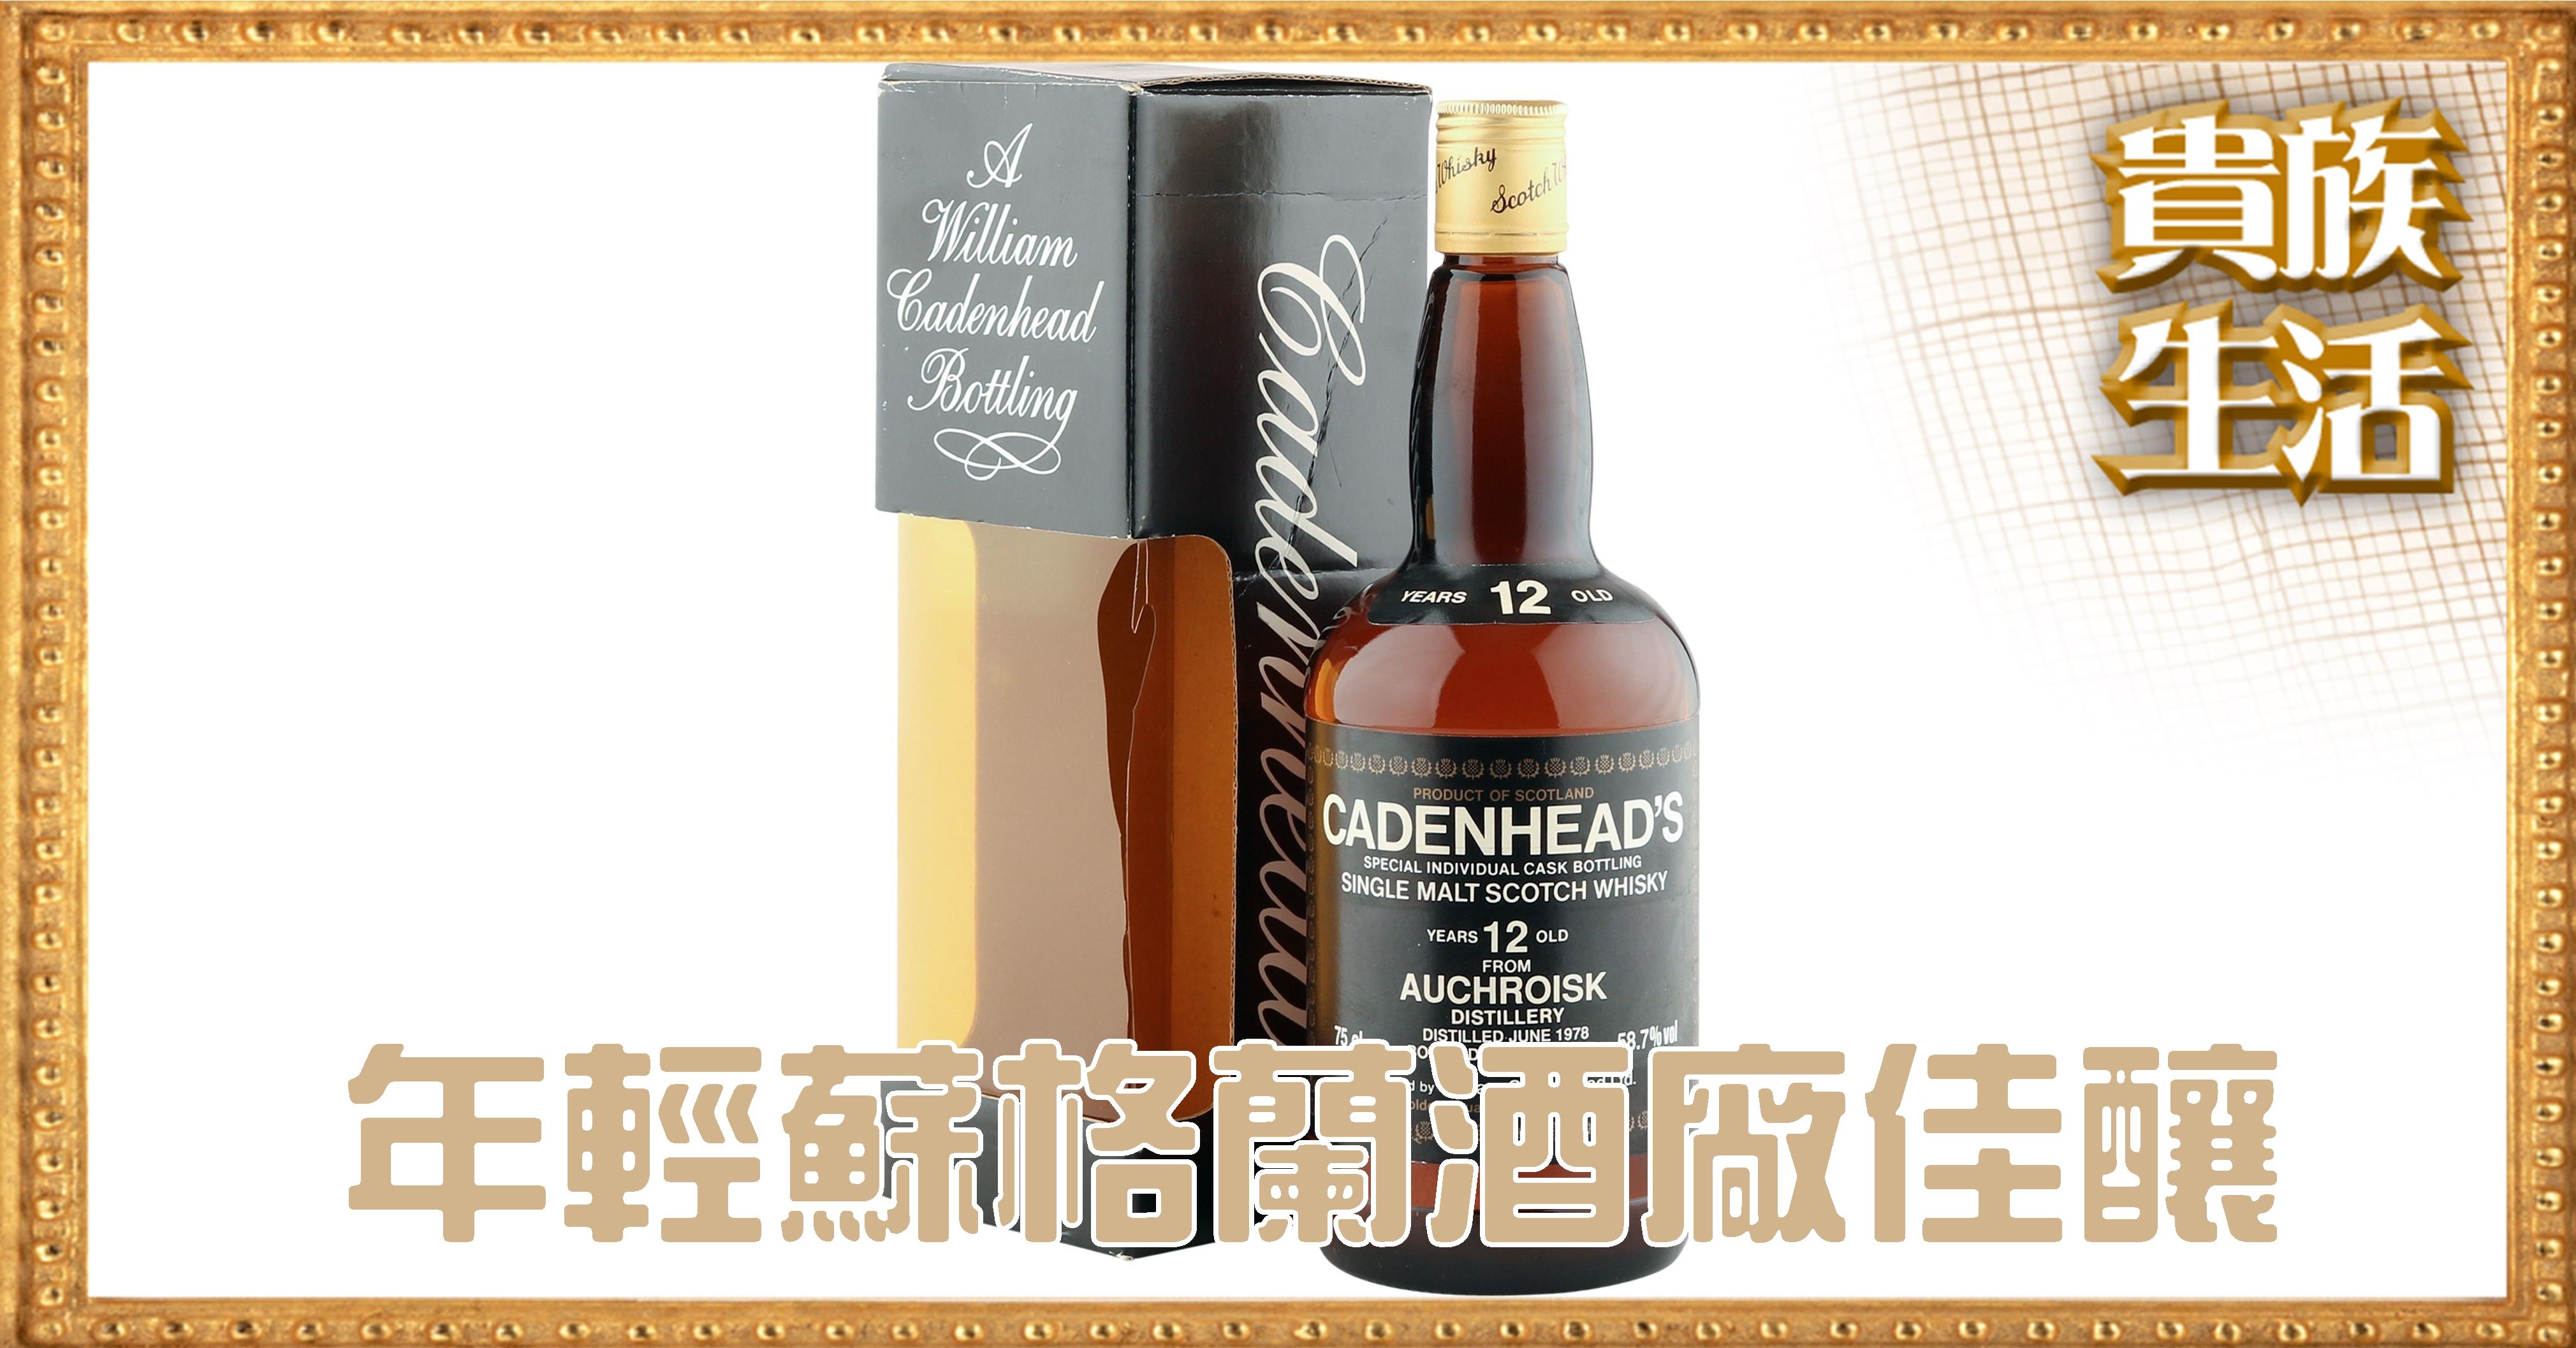 貴族生活:年輕蘇格蘭酒廠 釀出優質威士忌 即時新聞 繽FUN星網 on.cc東網